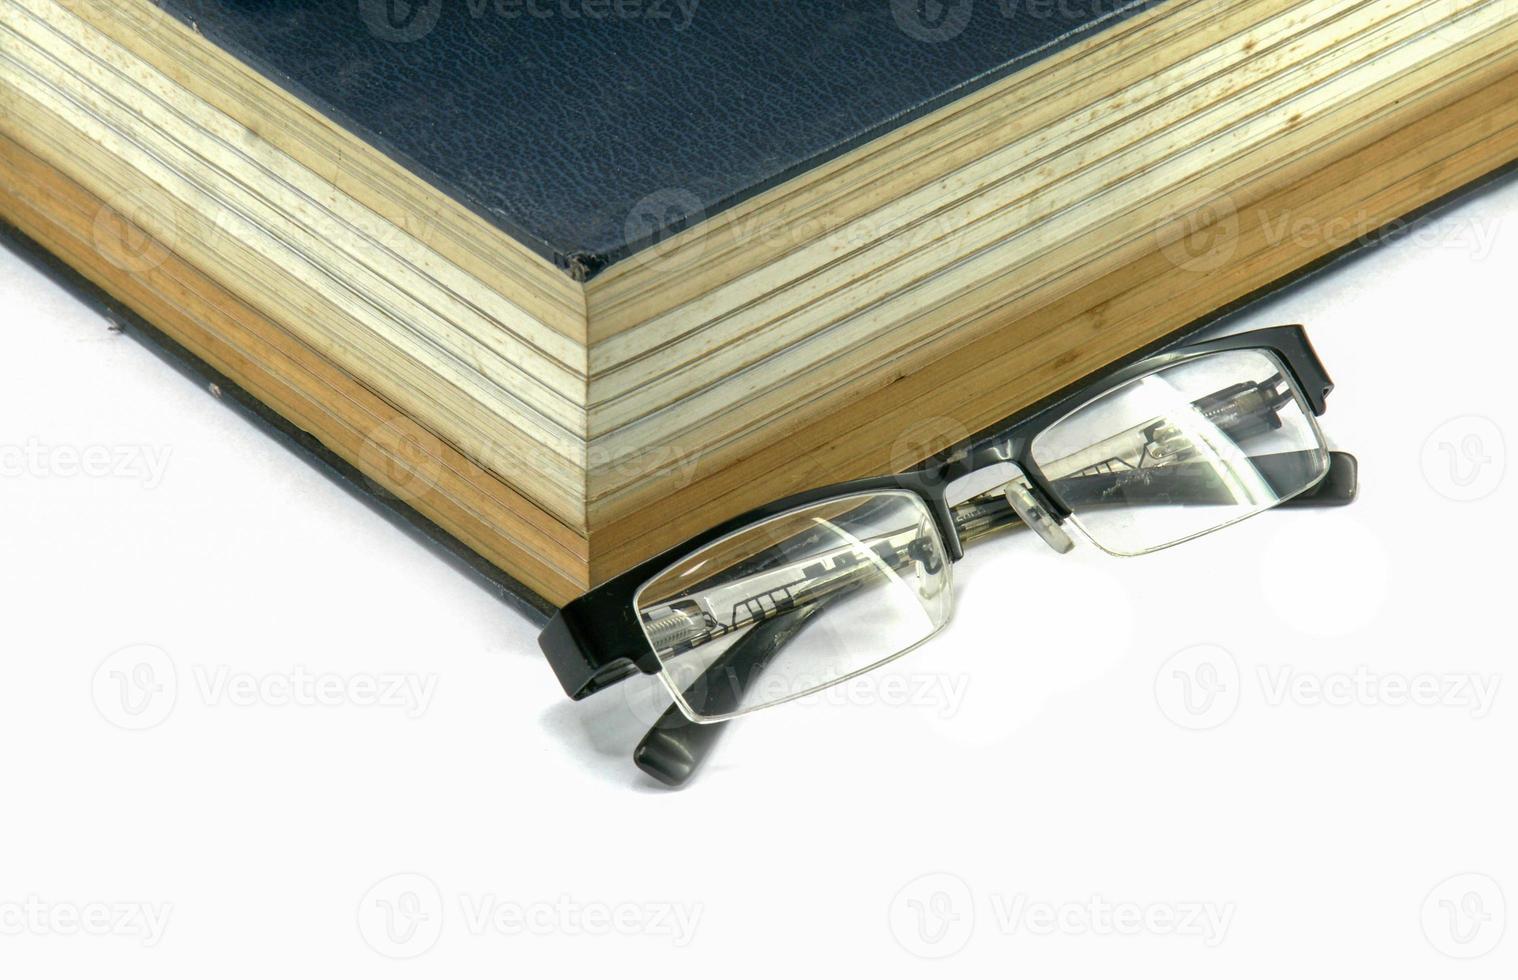 gammal textbok eller bibel med glasögon foto